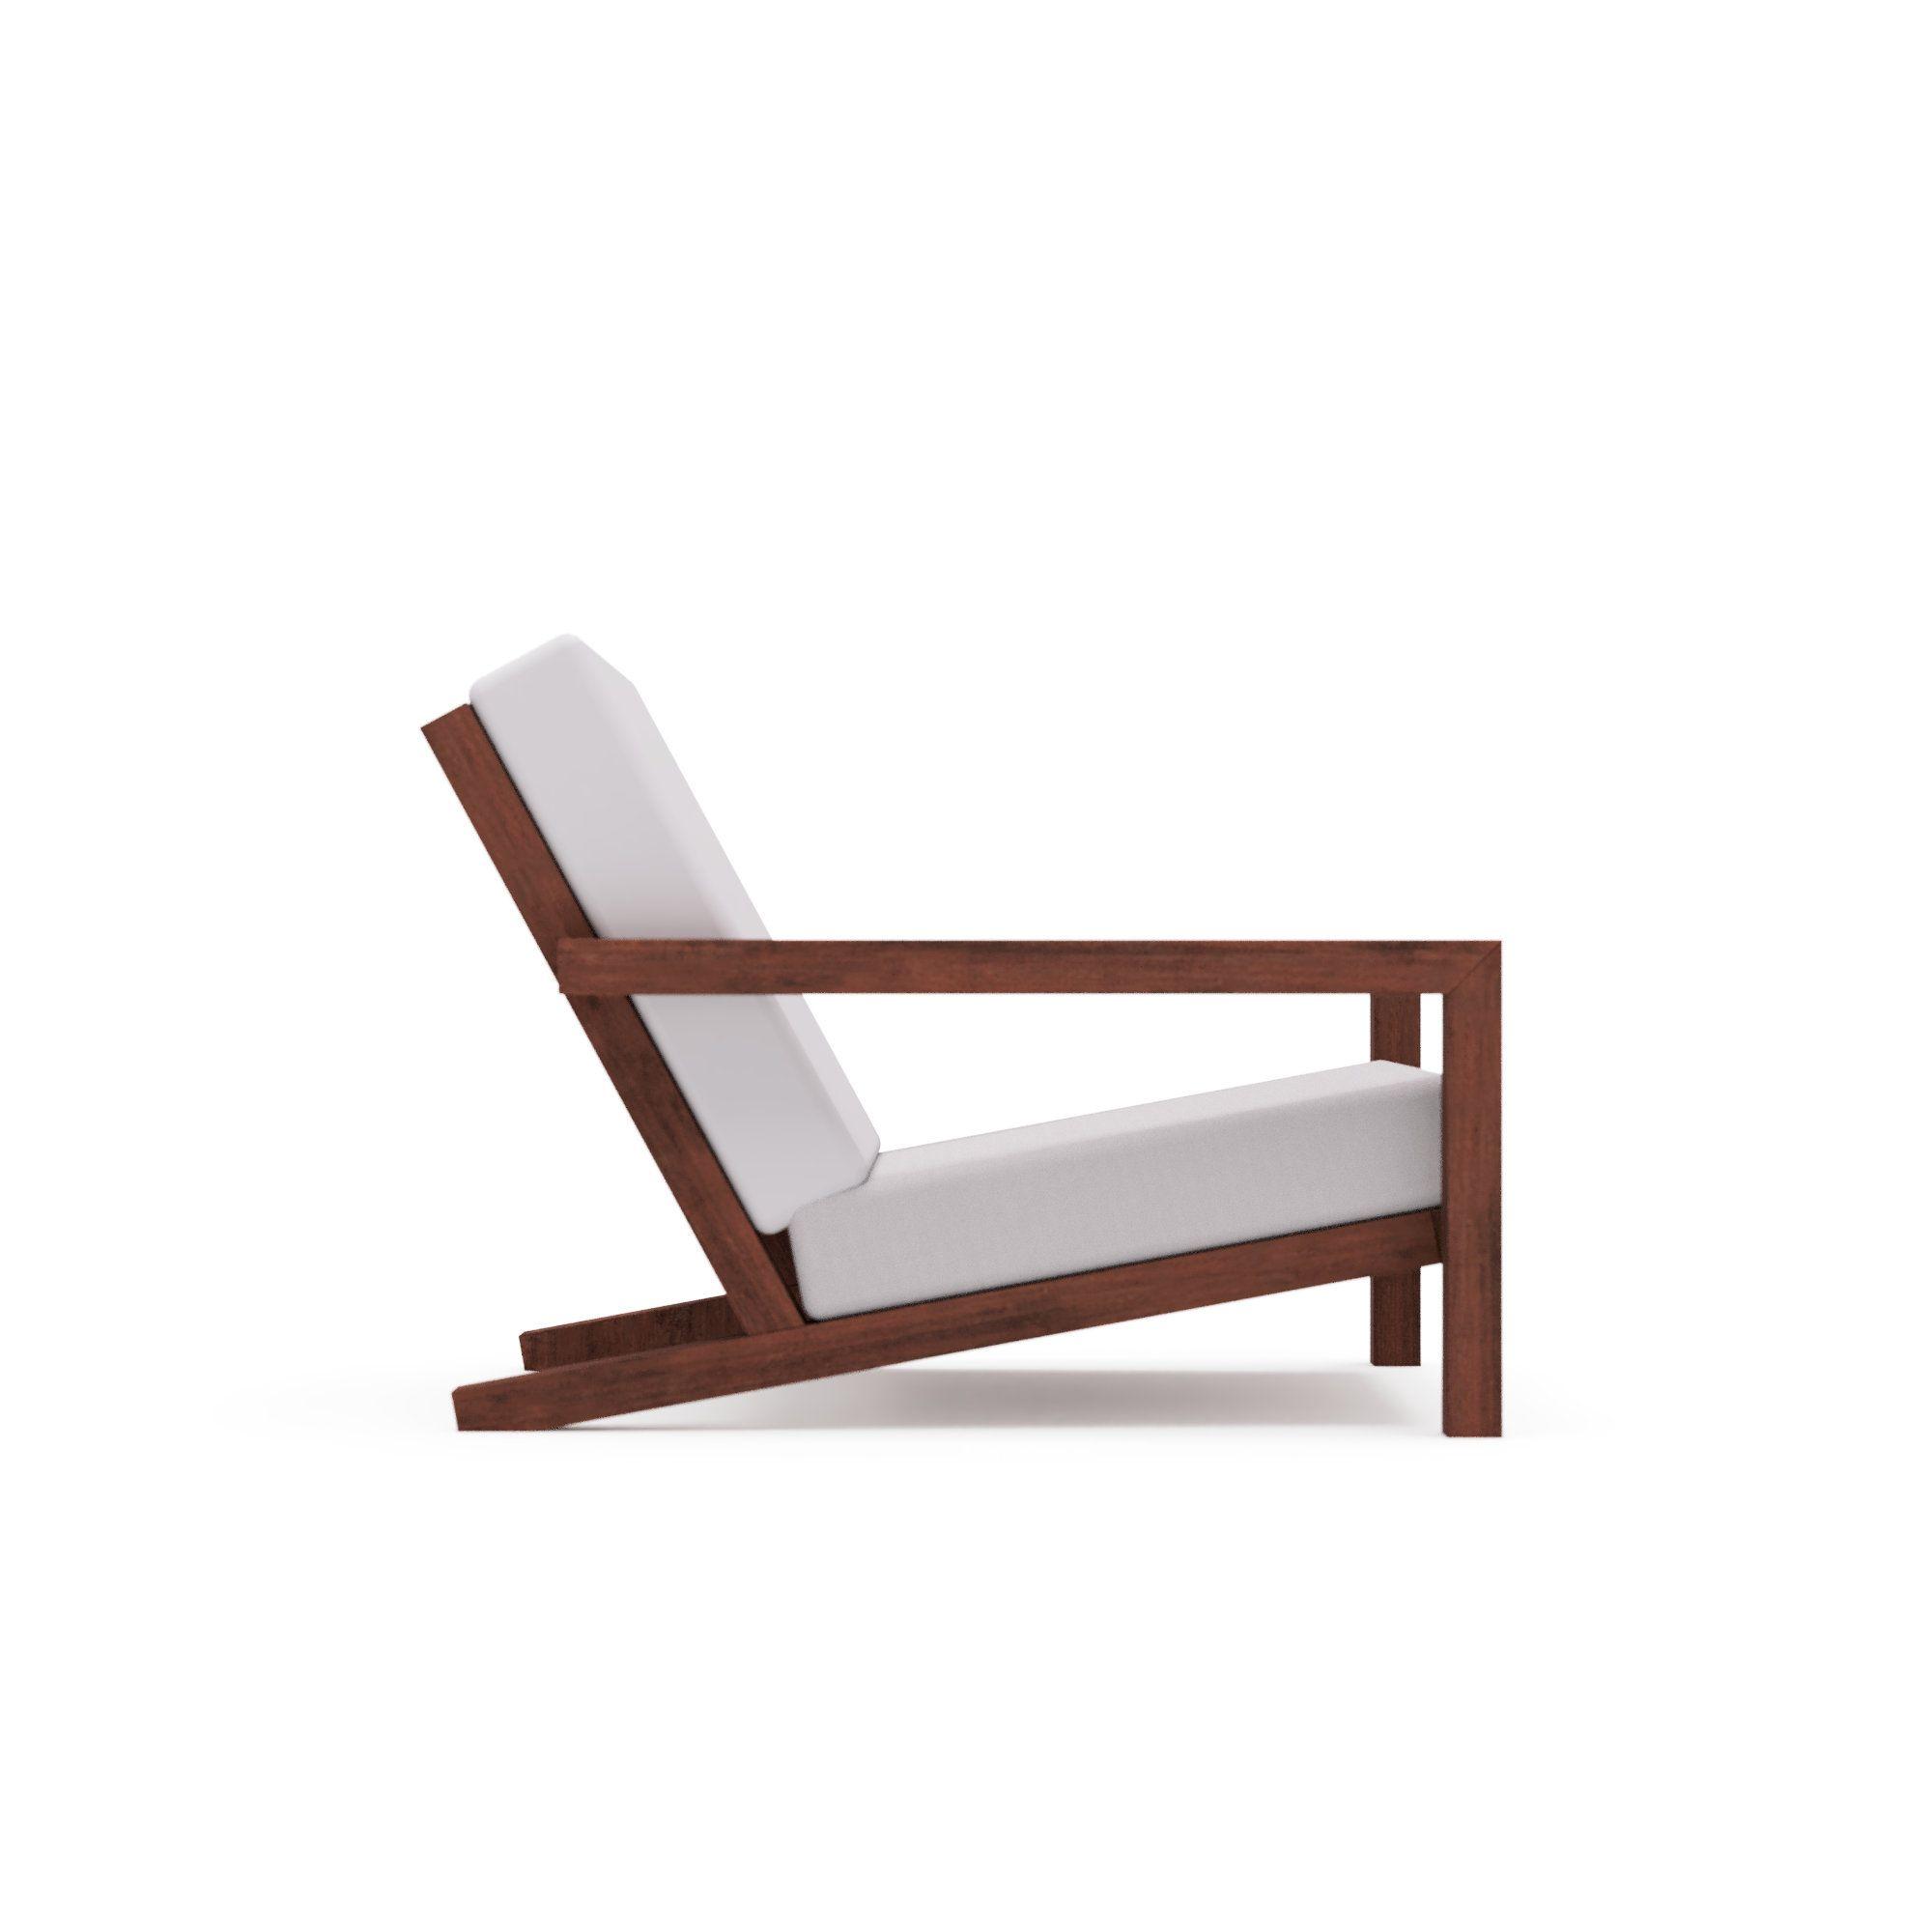 Diy Datei Fur Modern Garden Lounge Chair Stool Diy Bauplan Etsy